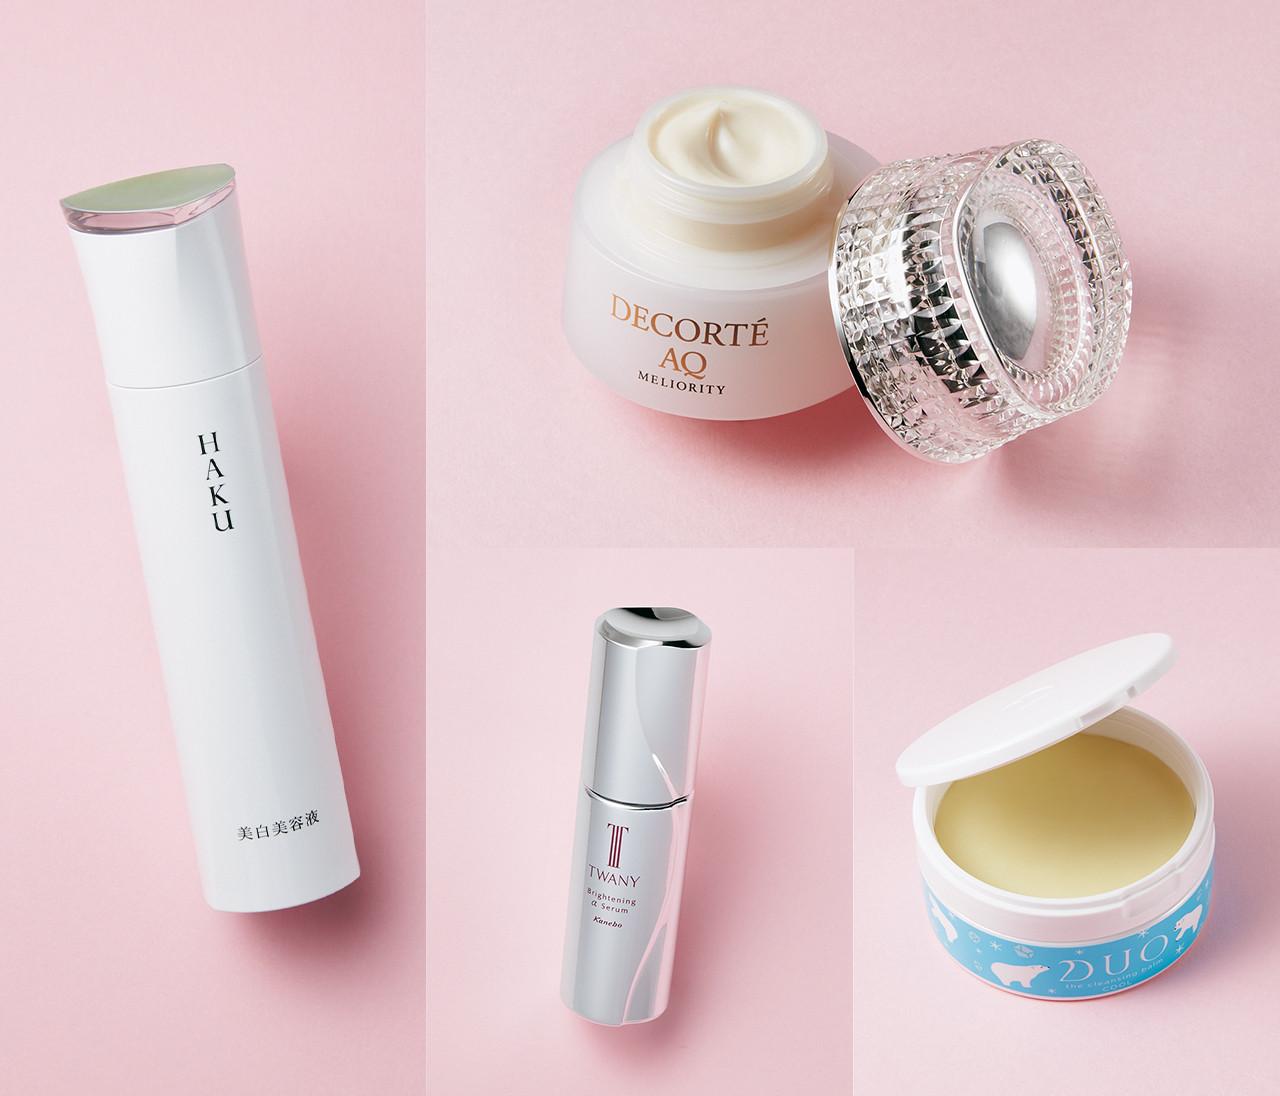 【2021春新作スキンケアコスメ4選】マスクの疲れ肌をいたわるクリーム&美容液をチェック!